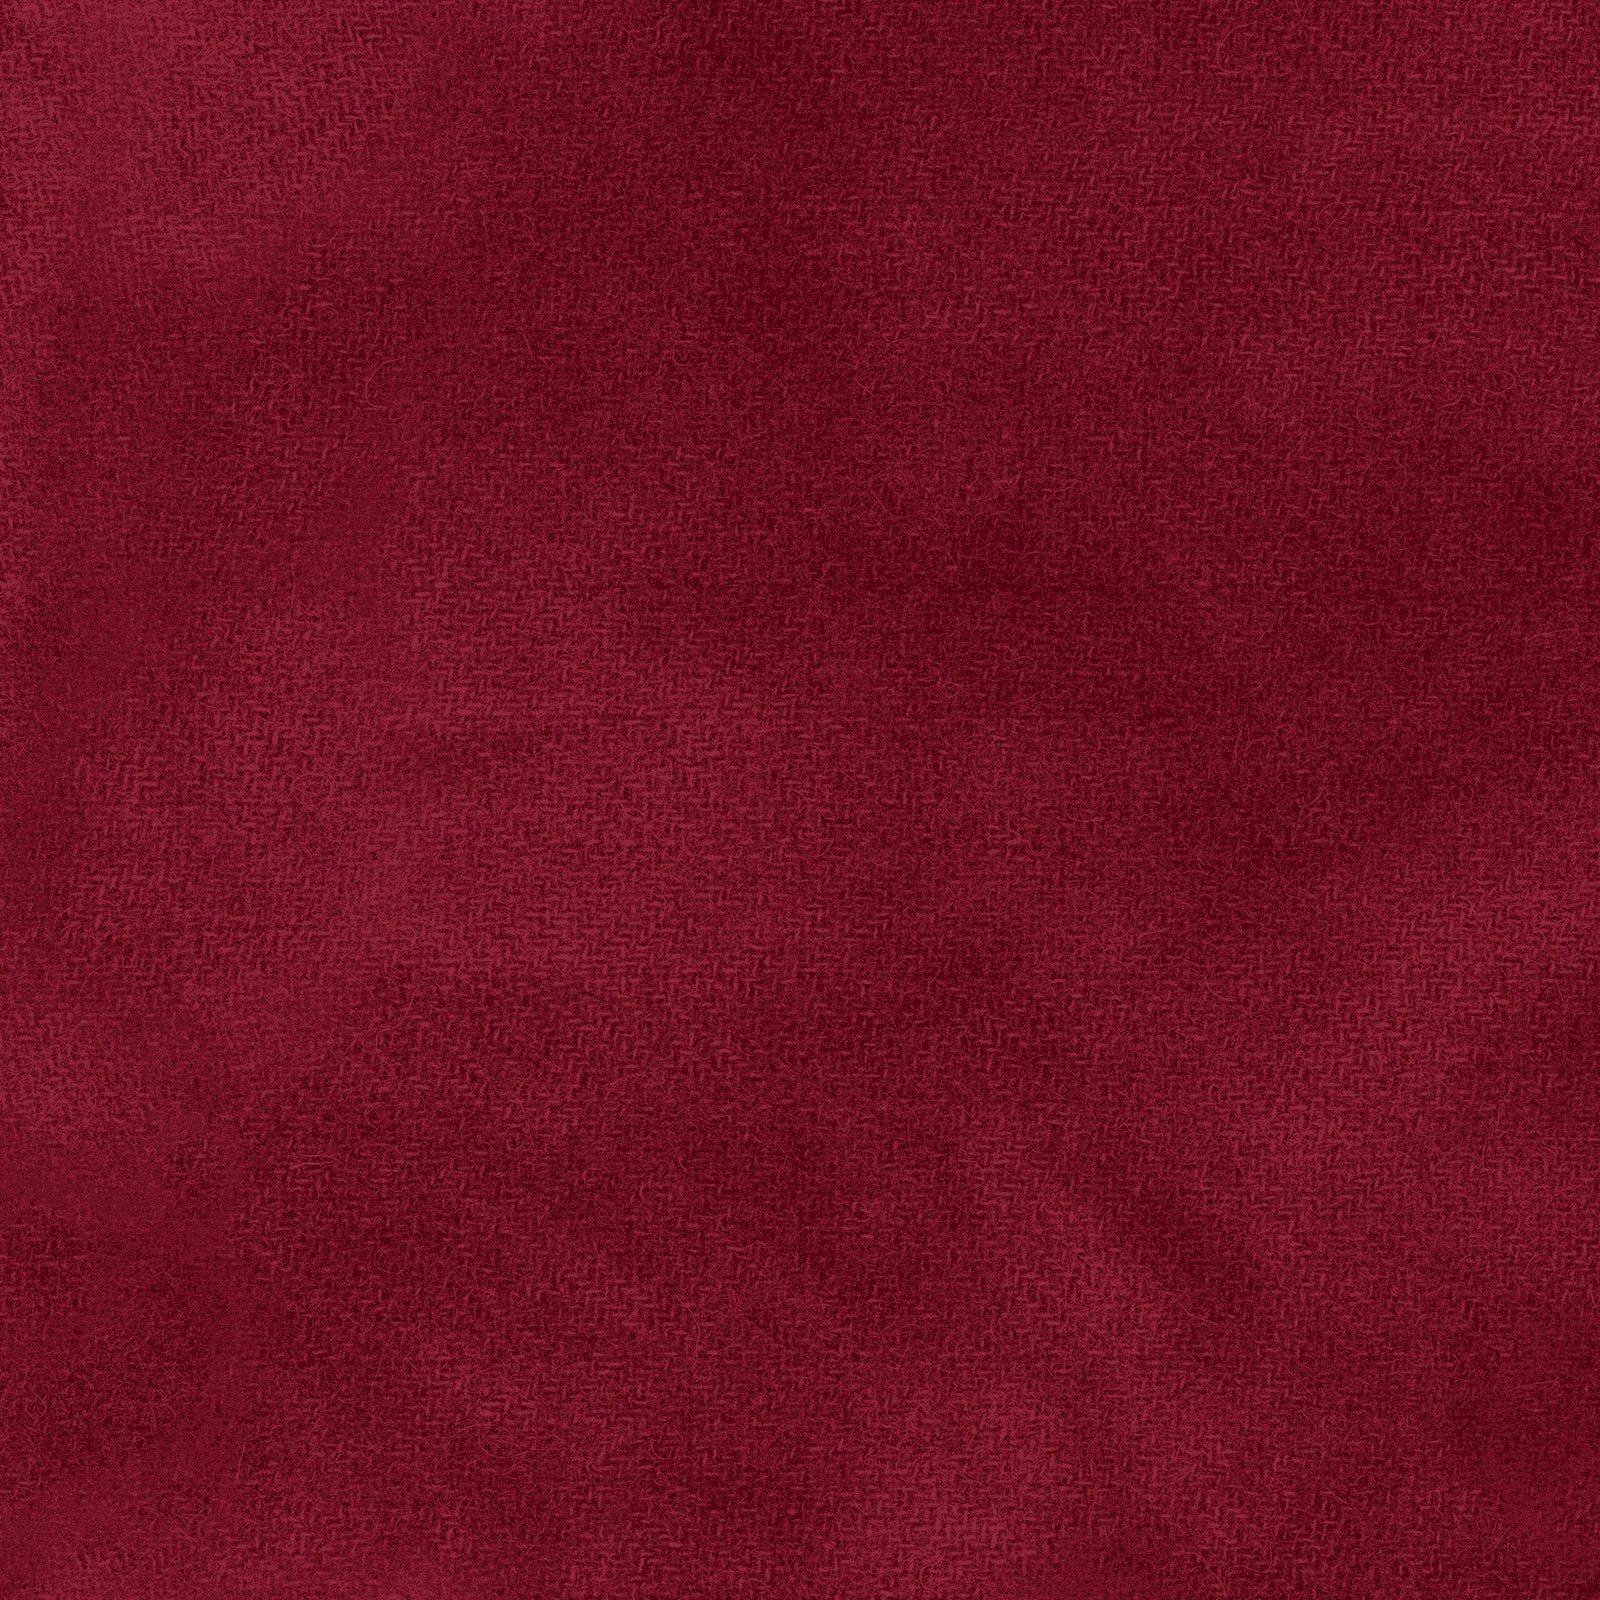 Color Wash Woolies Flannel - Bordeaux